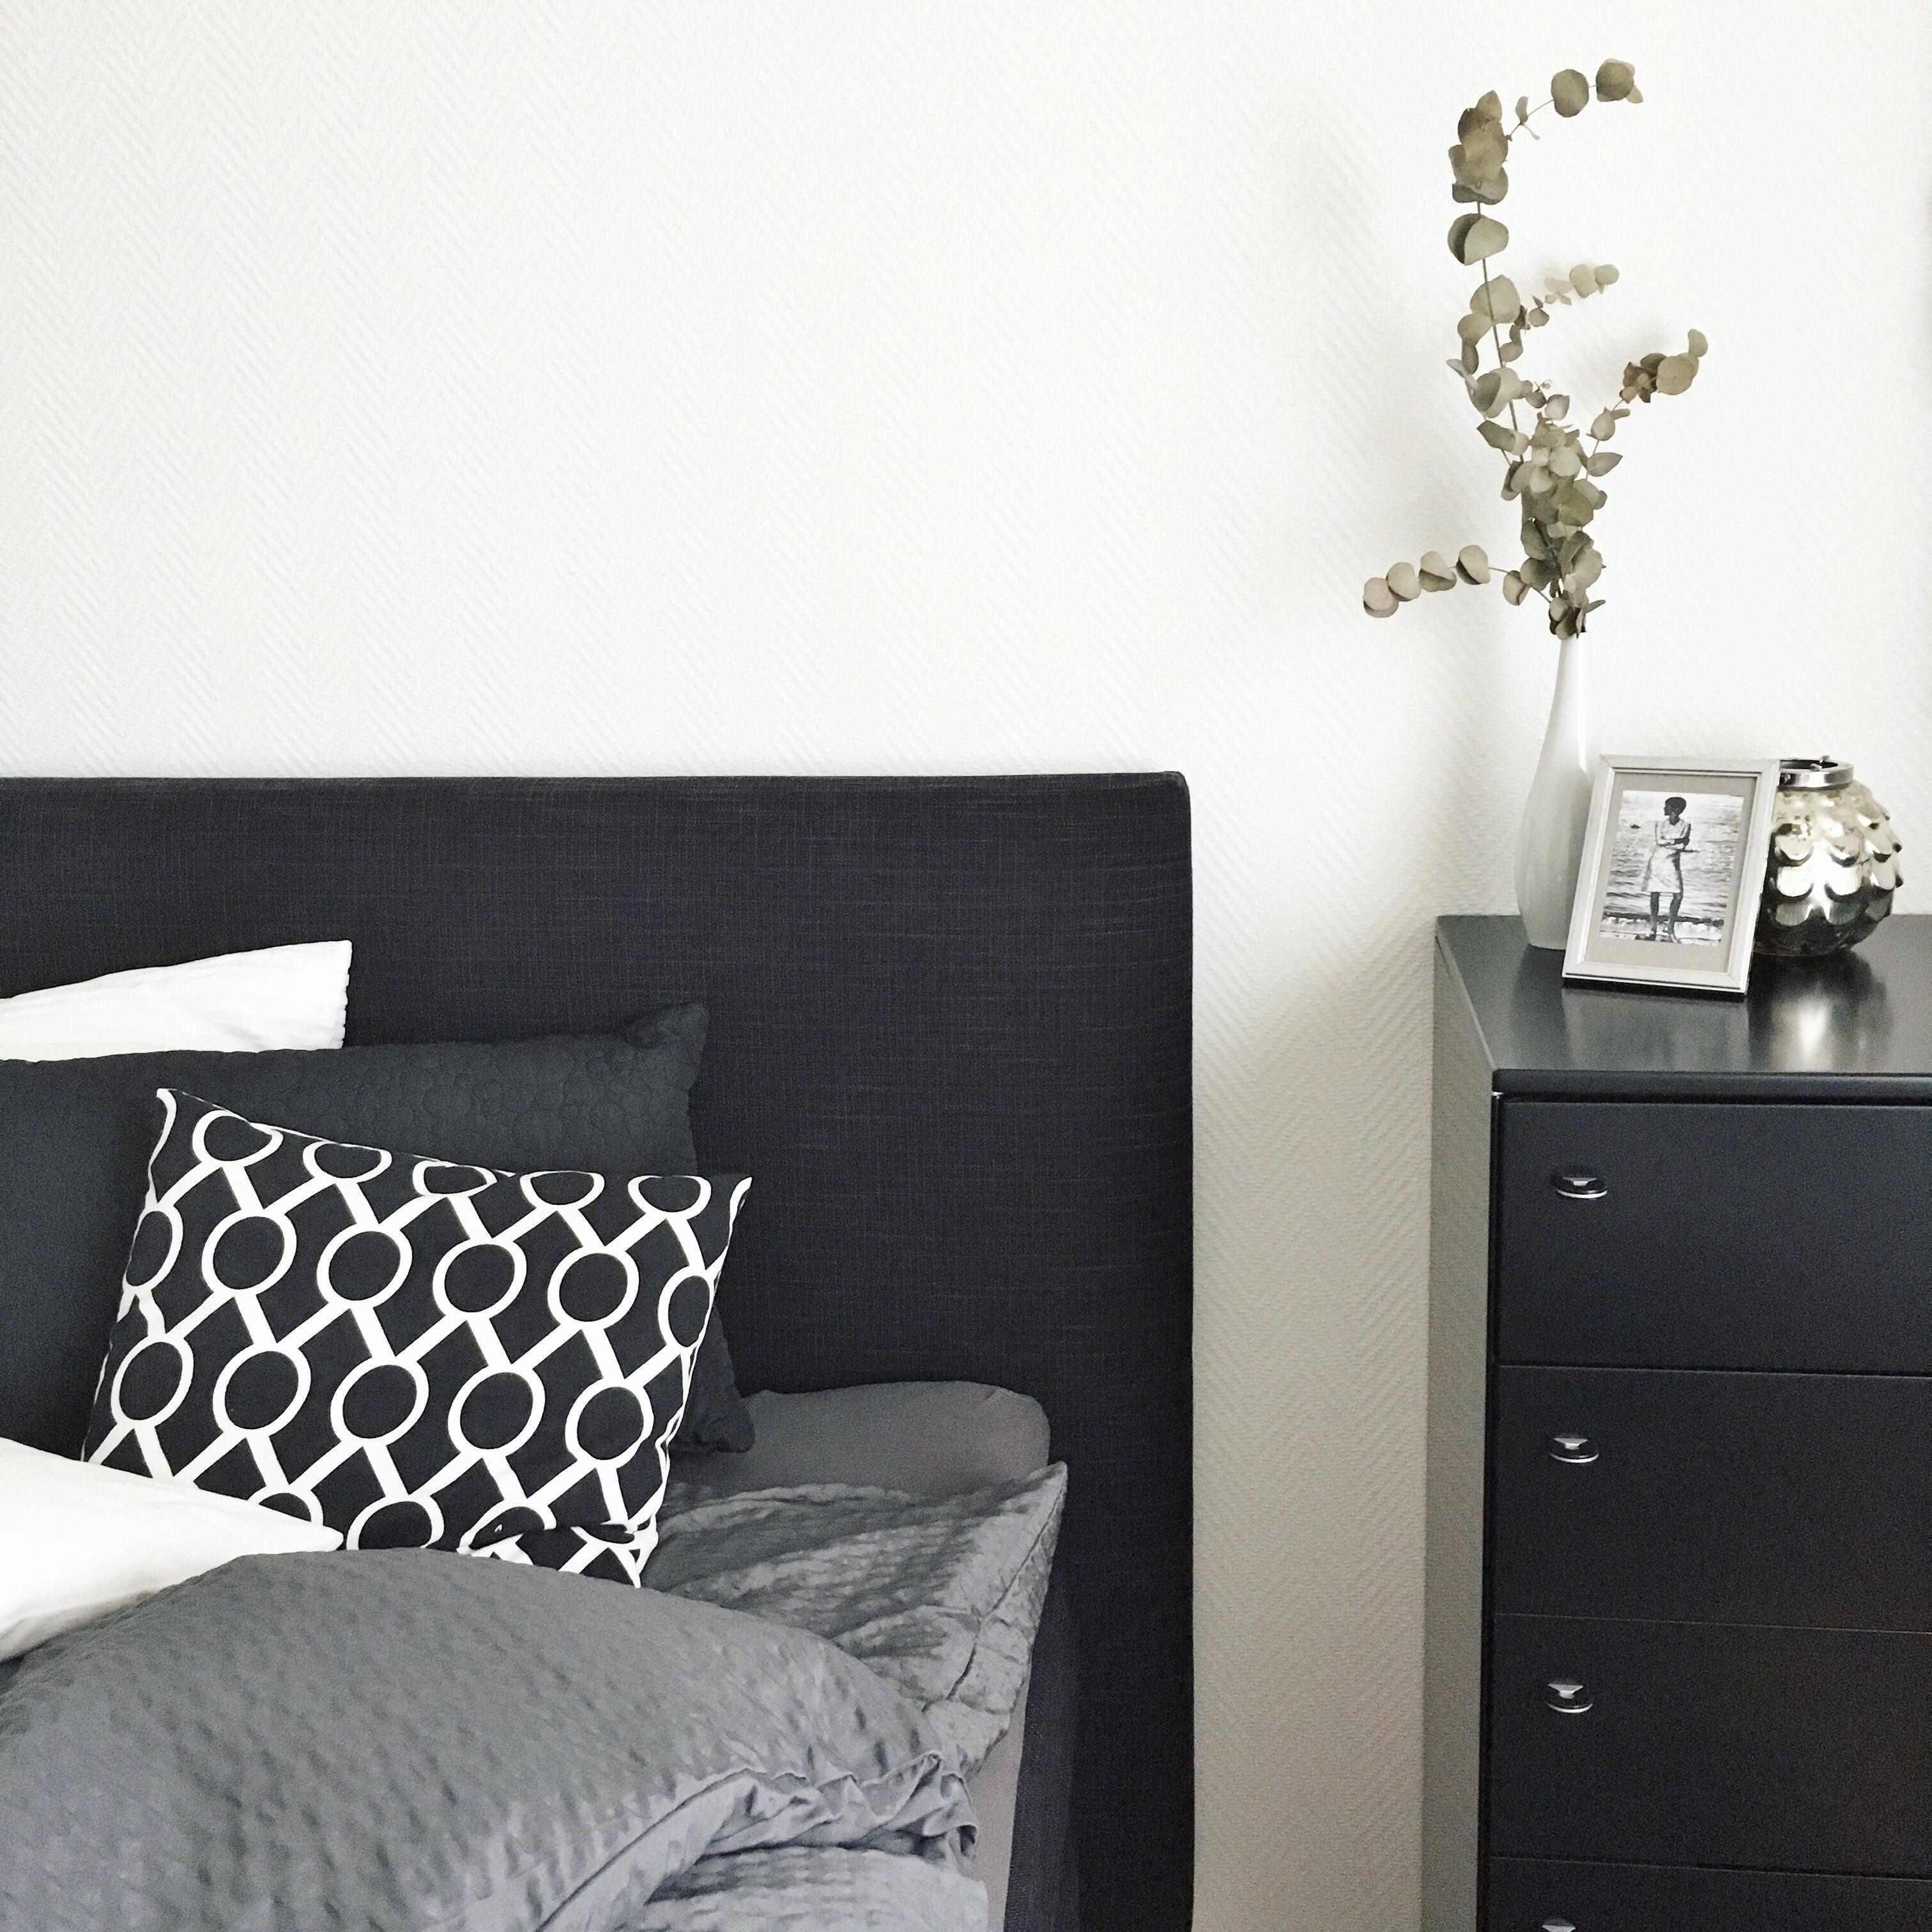 Gemütlich und warm trotz schwarz-weiß #schlafzimmer ...